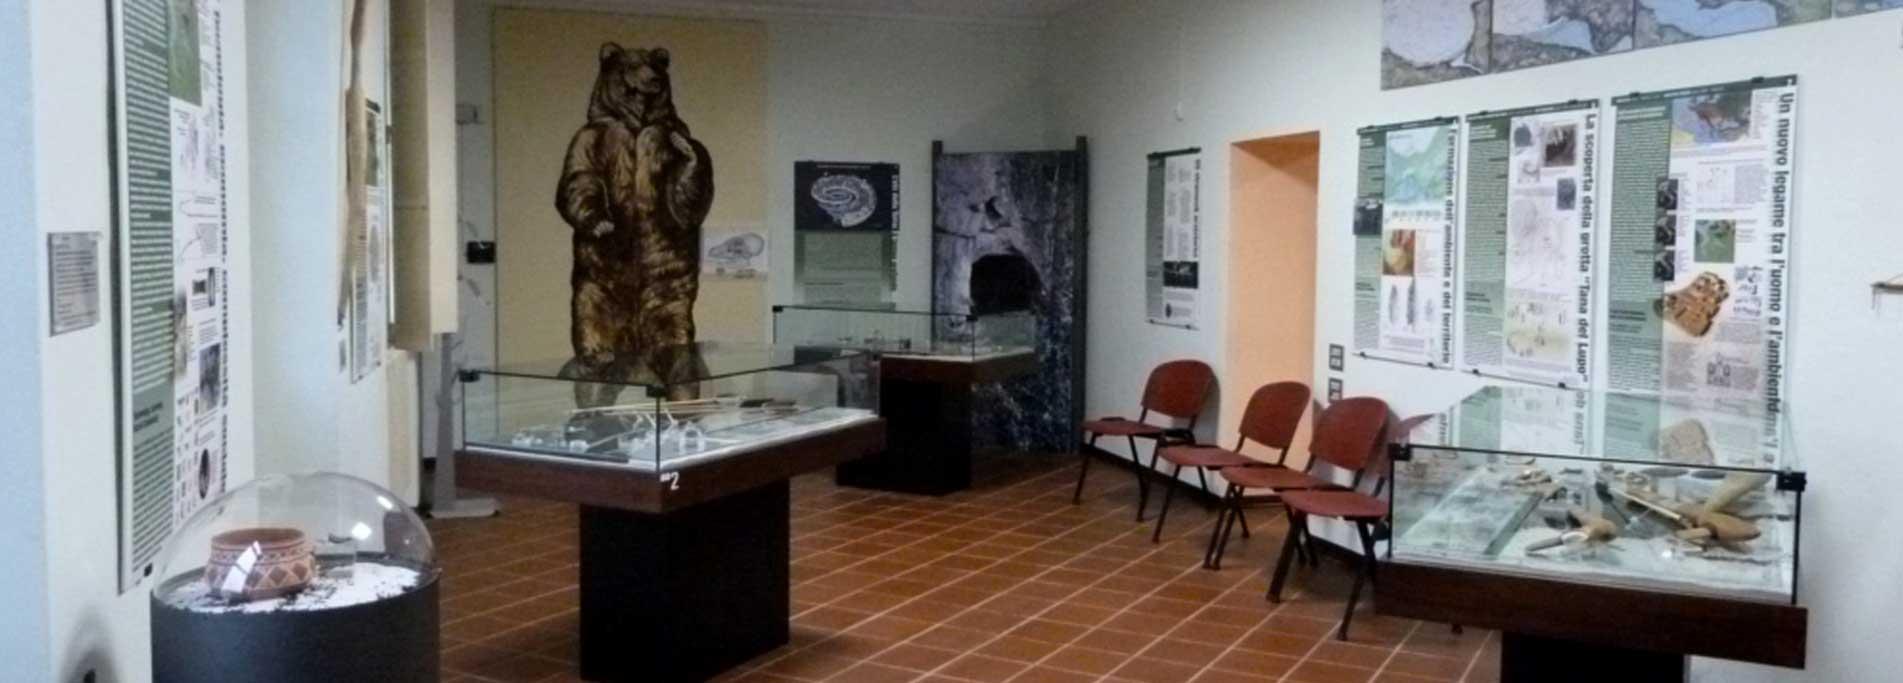 Museo Archeologico di Angera